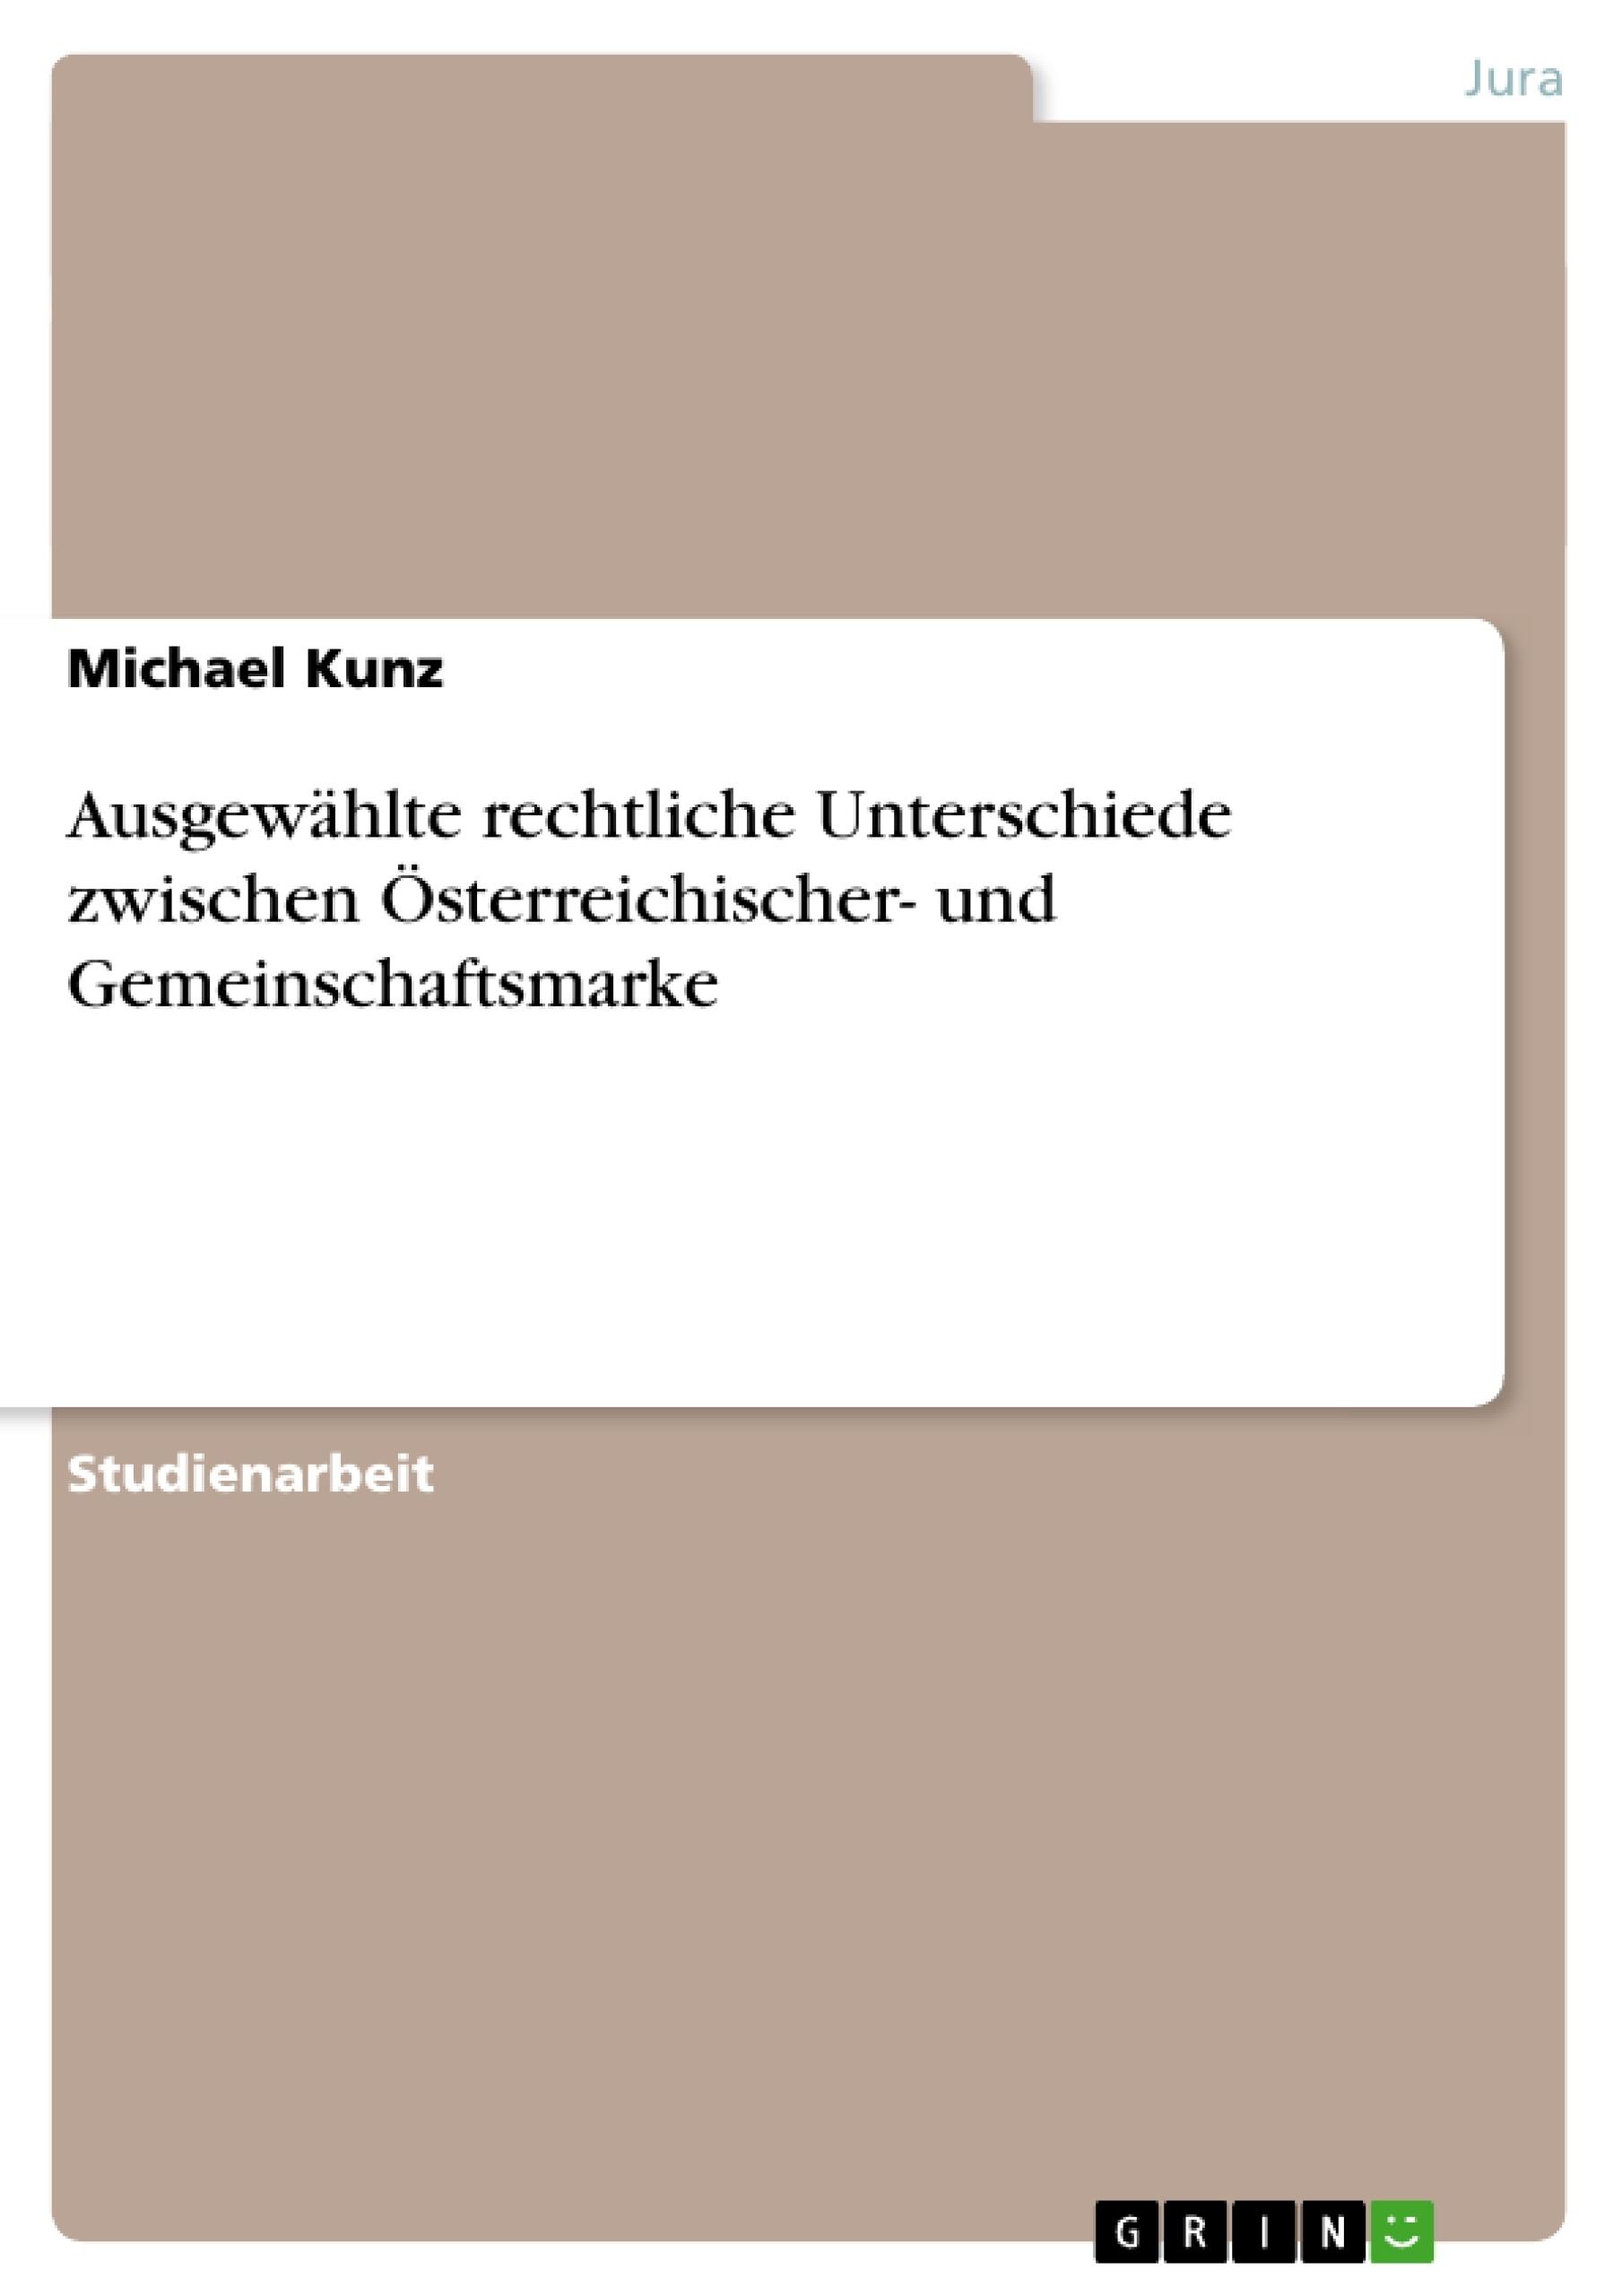 Titel: Ausgewählte rechtliche Unterschiede zwischen Österreichischer- und Gemeinschaftsmarke